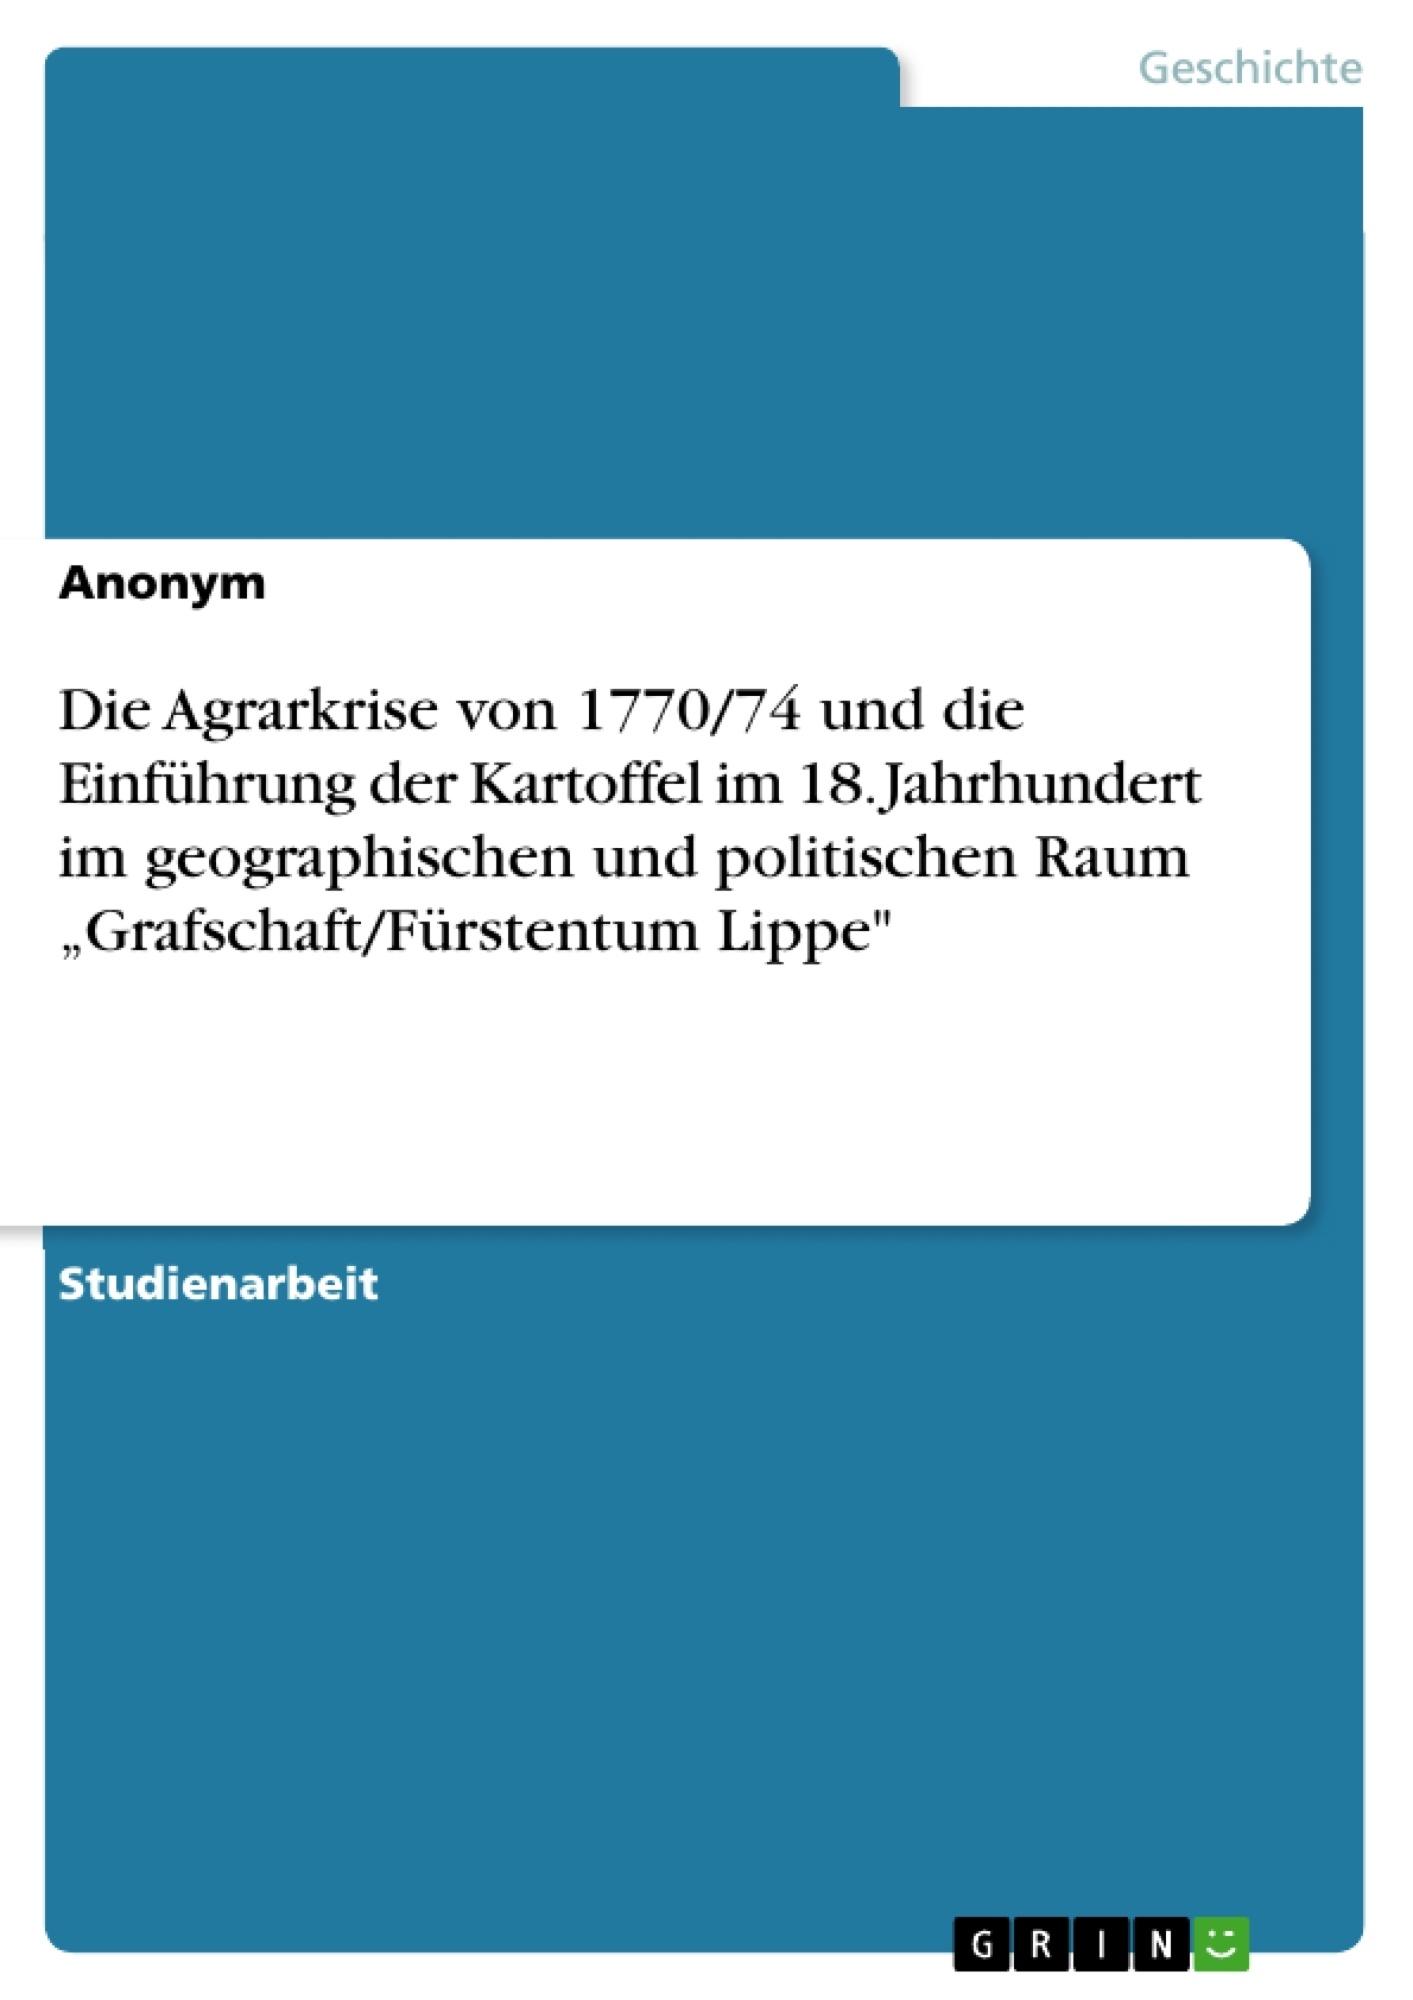 """Titel: Die Agrarkrise von 1770/74 und die Einführung der Kartoffel im 18. Jahrhundert im geographischen und politischen Raum """"Grafschaft/Fürstentum Lippe"""""""